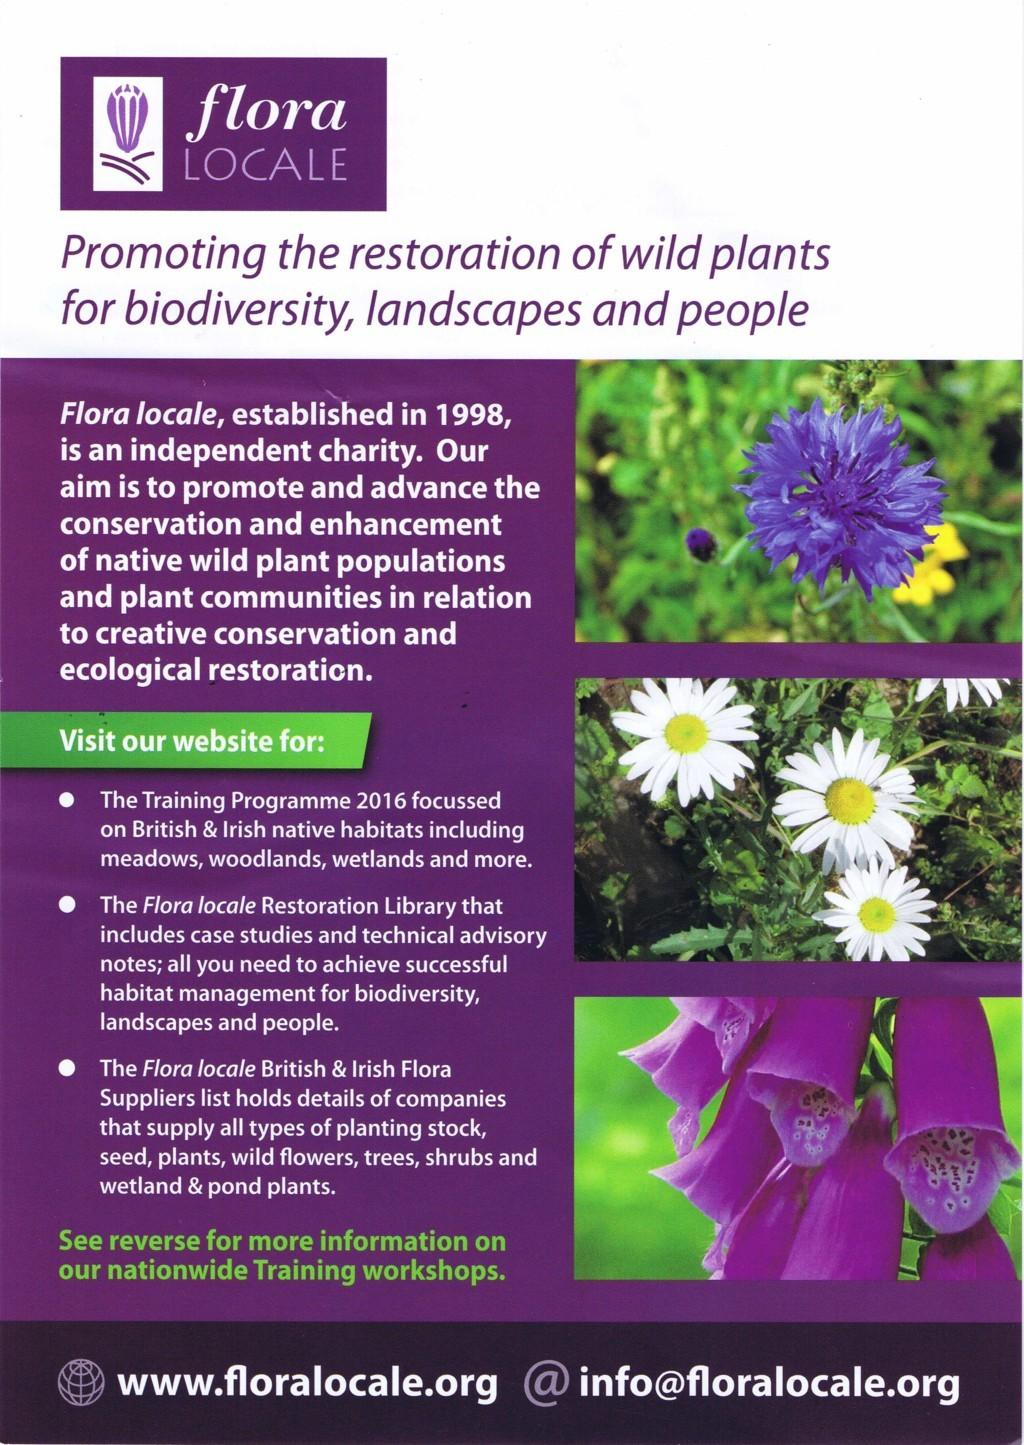 Flora Locale leaflet  minimized